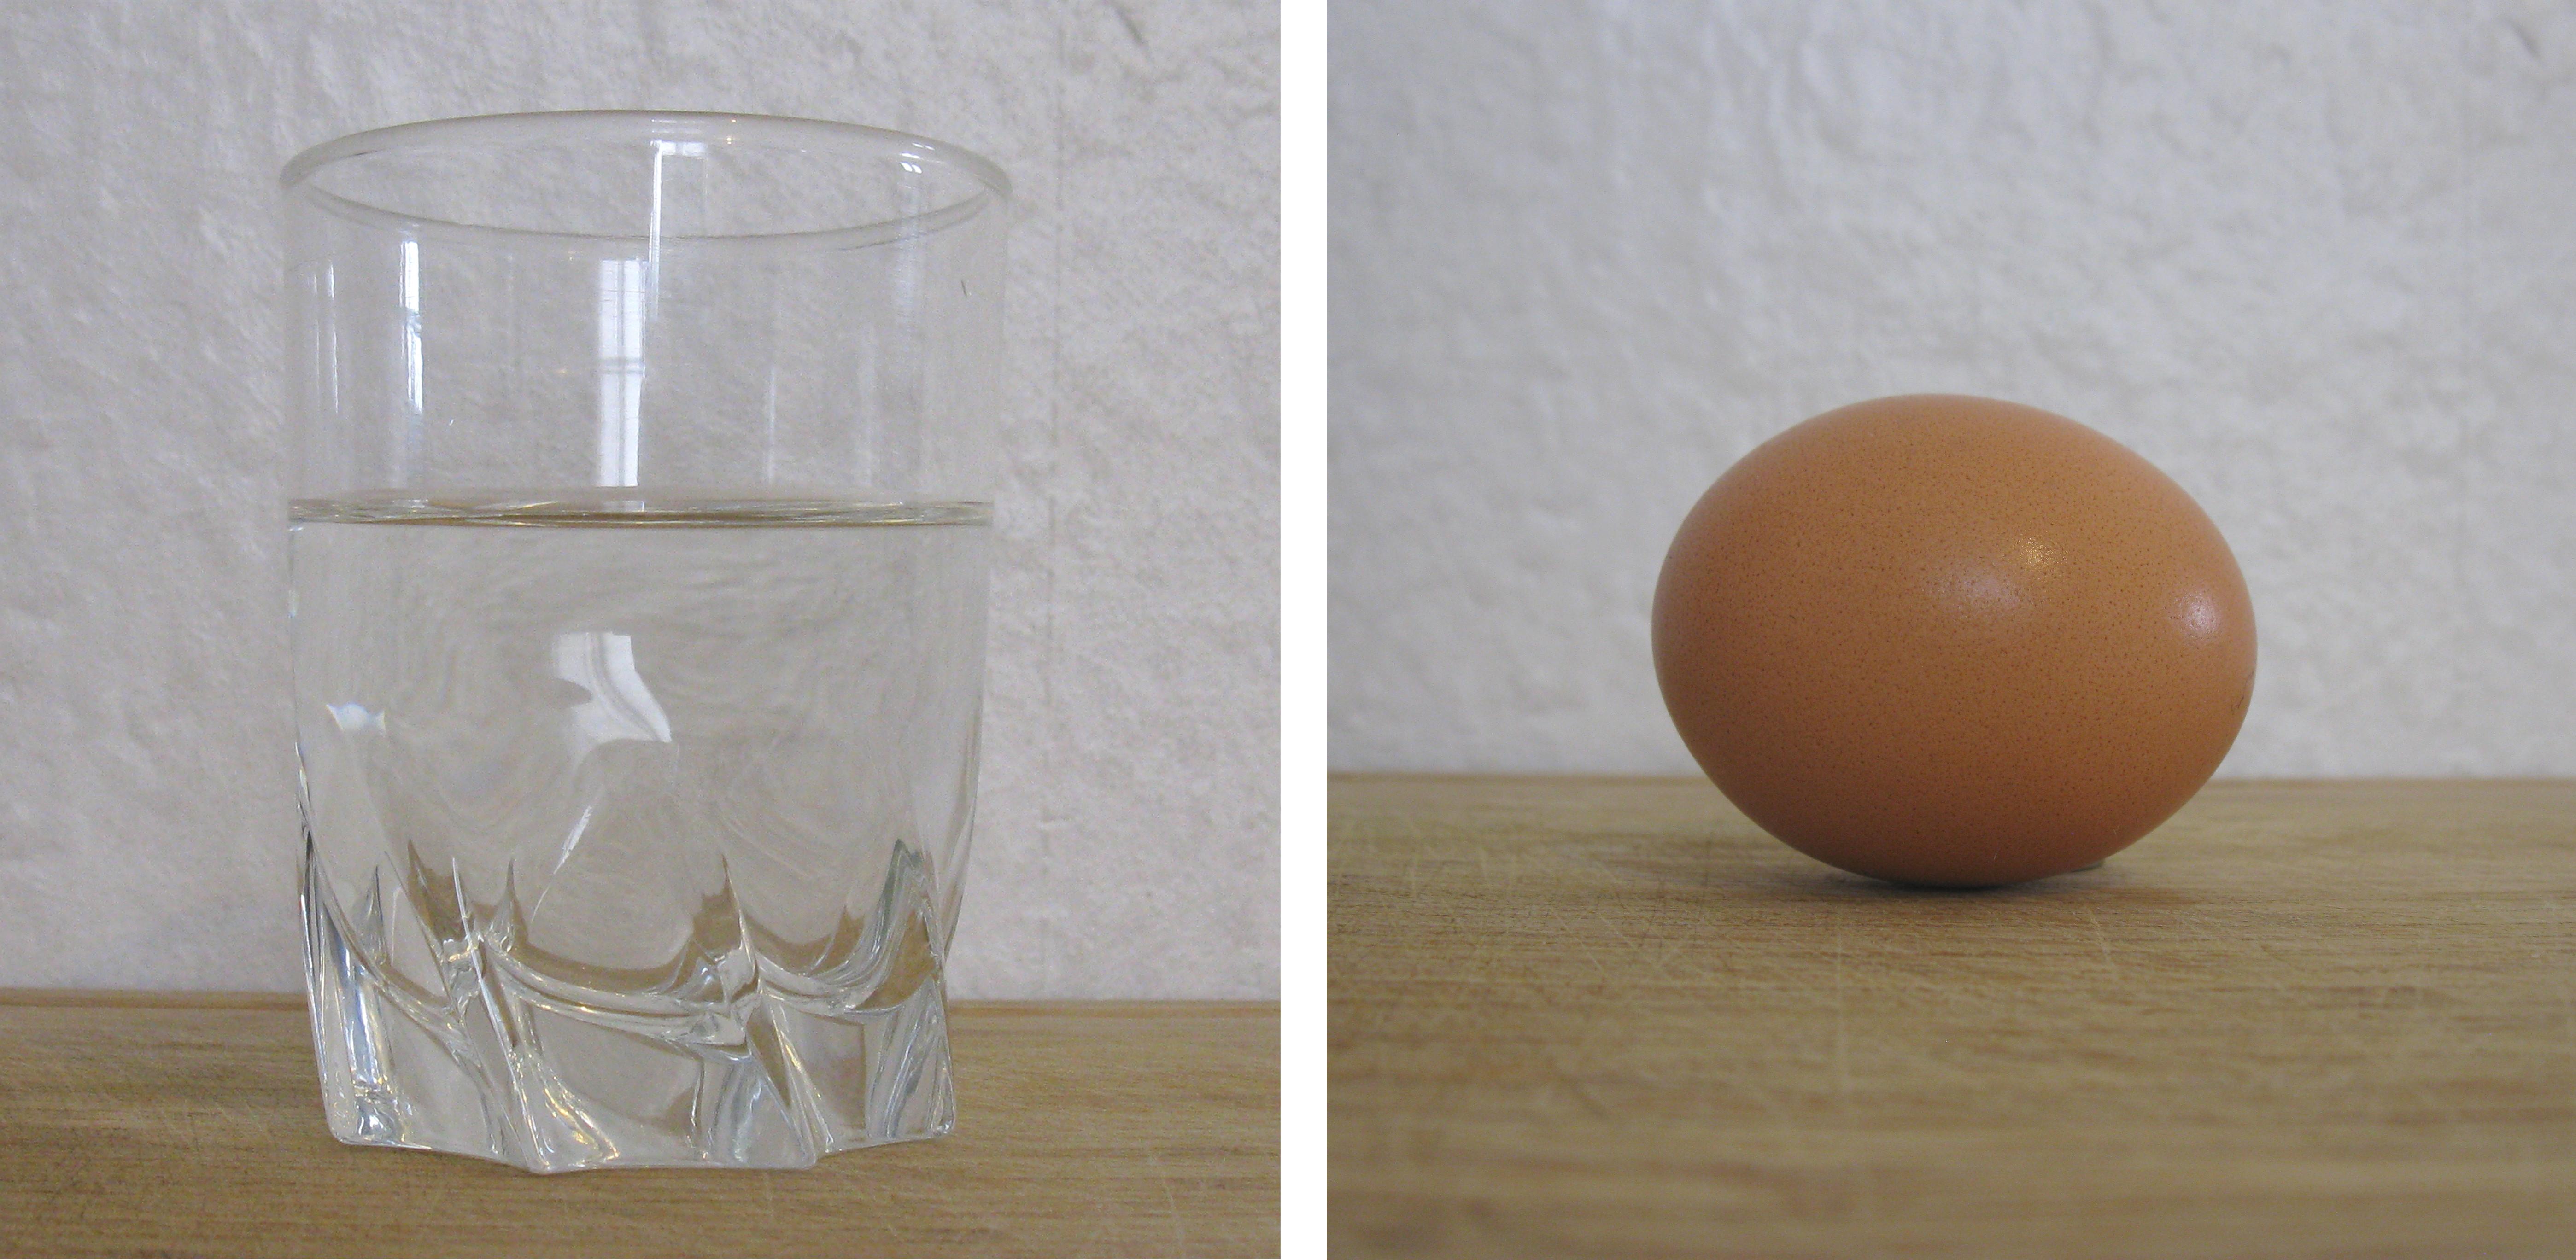 Dissoudre la coquille d 39 un uf dans du vinaigre exp rience for Place du verre a eau sur une table